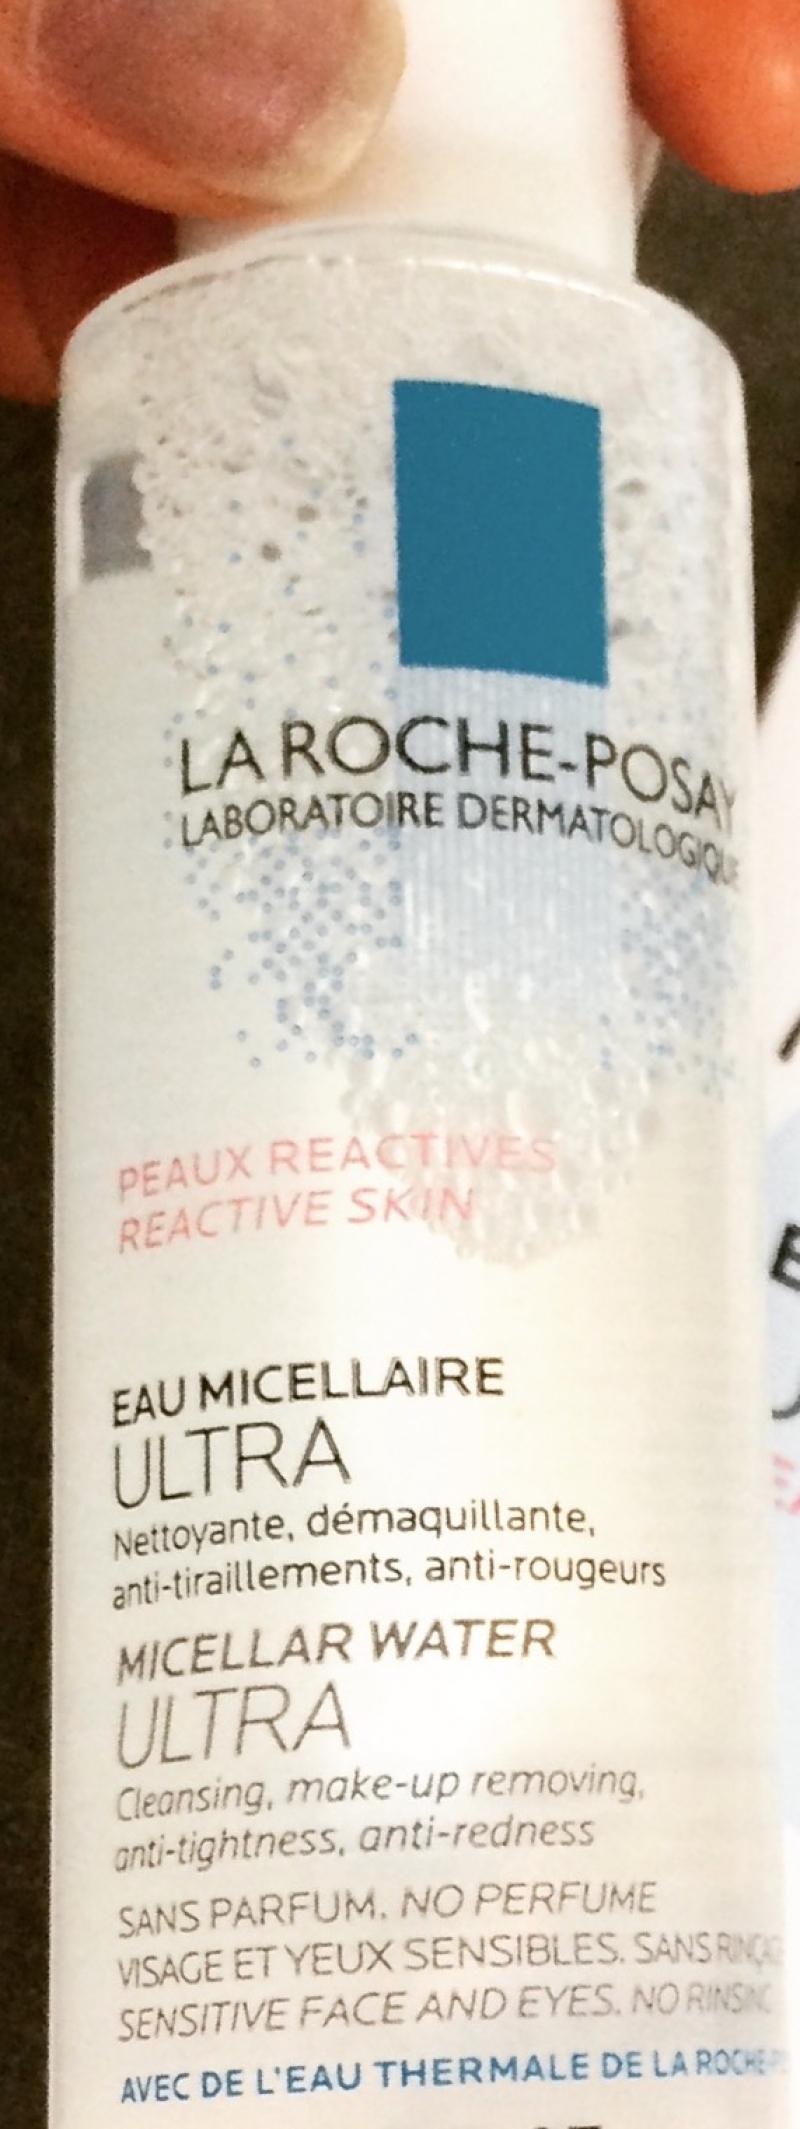 Swatch Eau micellaire ultra peaux réactives, La Roche-Posay